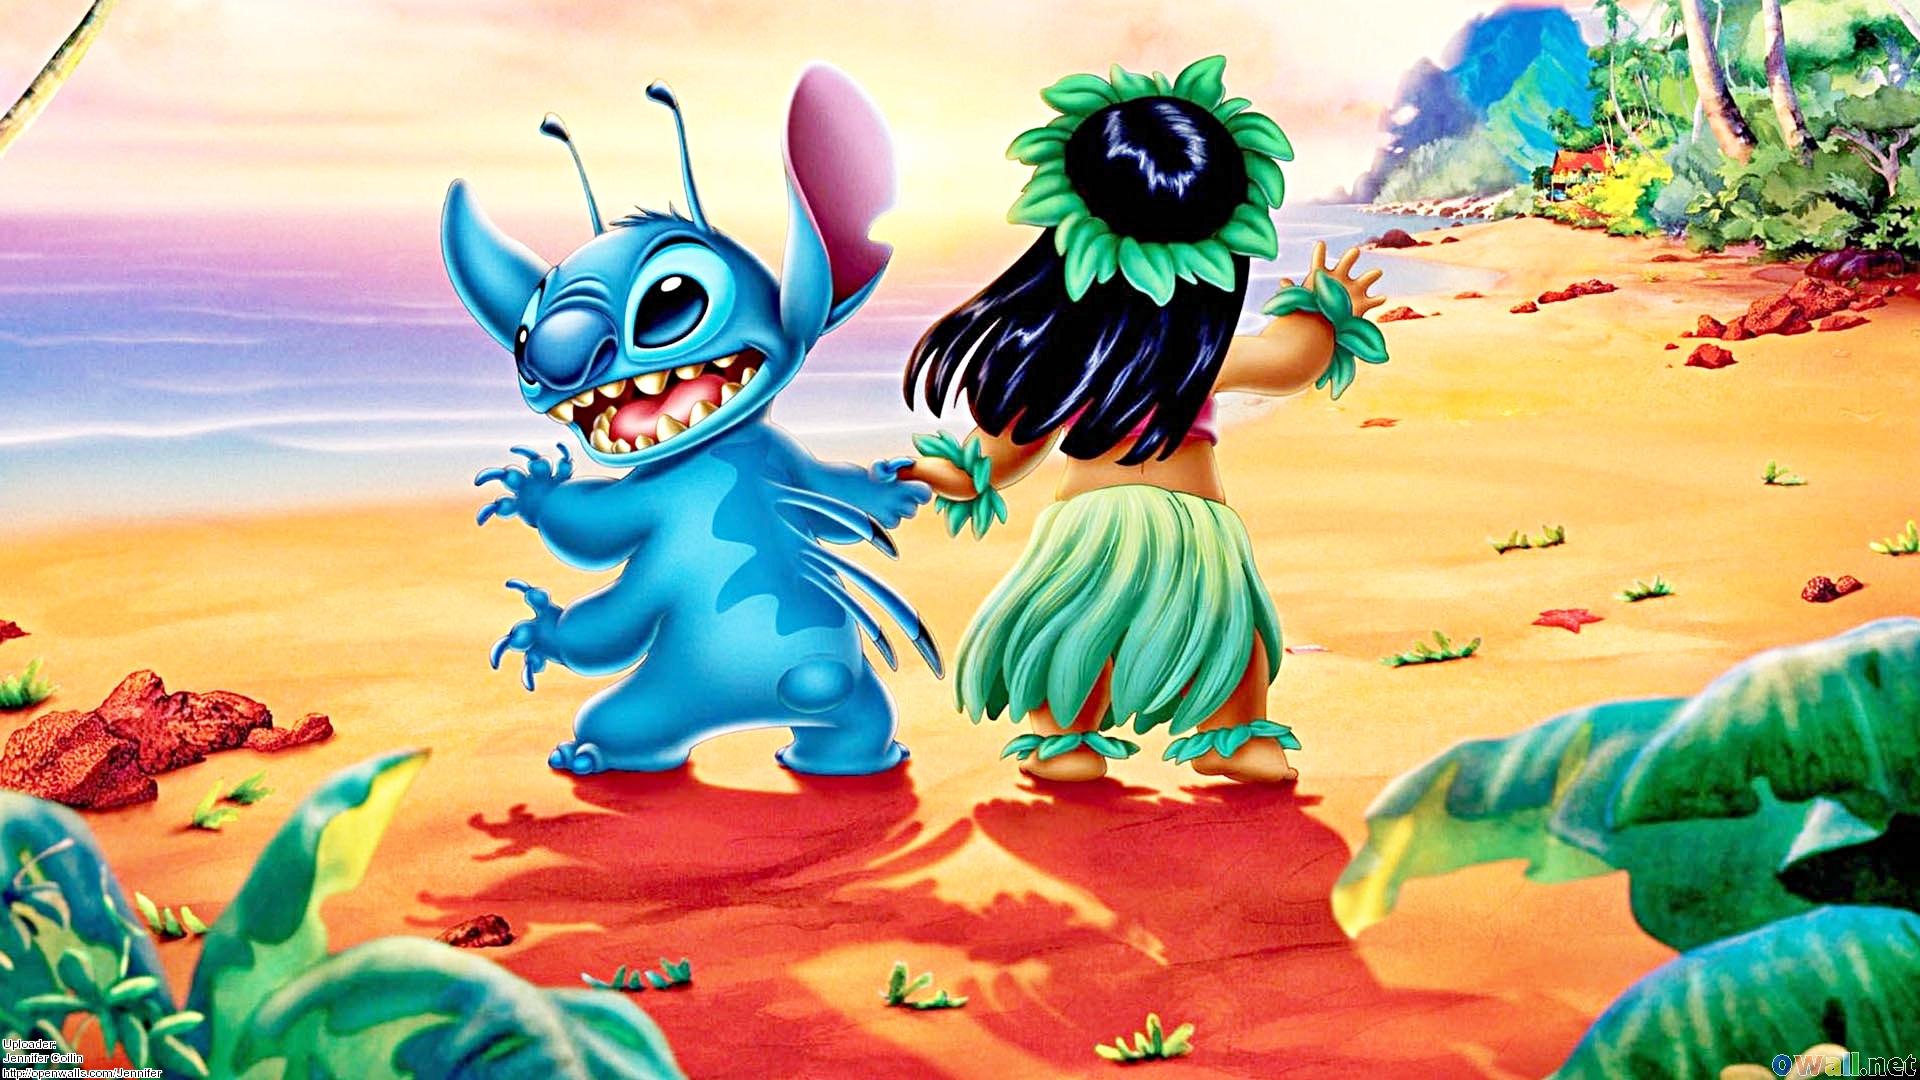 Wallpapers   Stitch Lilo Pelekai   Walt Disney Characters Wallpaper 1920x1080